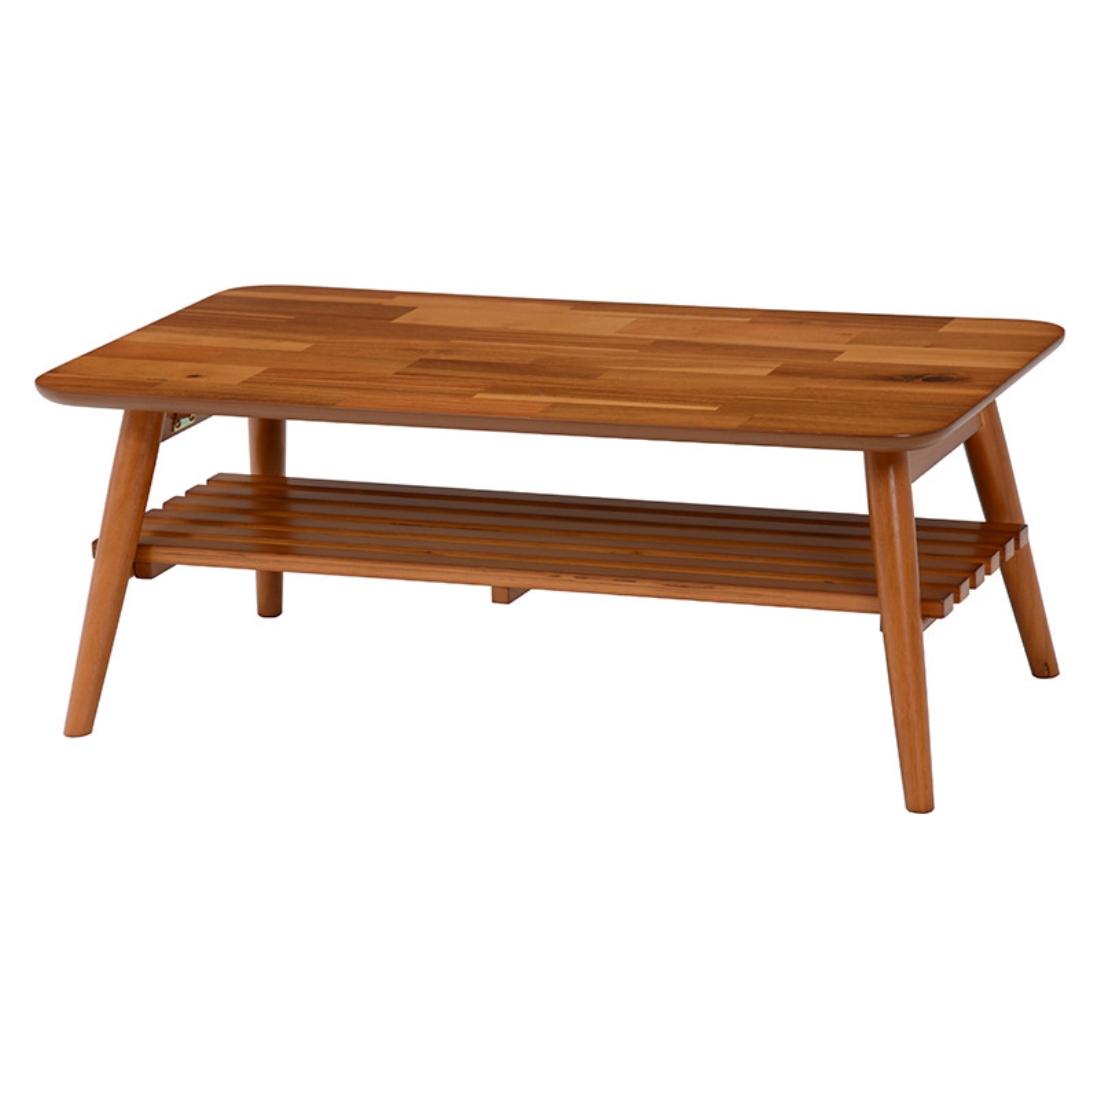 送料無料 オシャレ 家具 完成品 折れ脚テーブル 折り畳み テーブル ローテーブル 机 Acacia